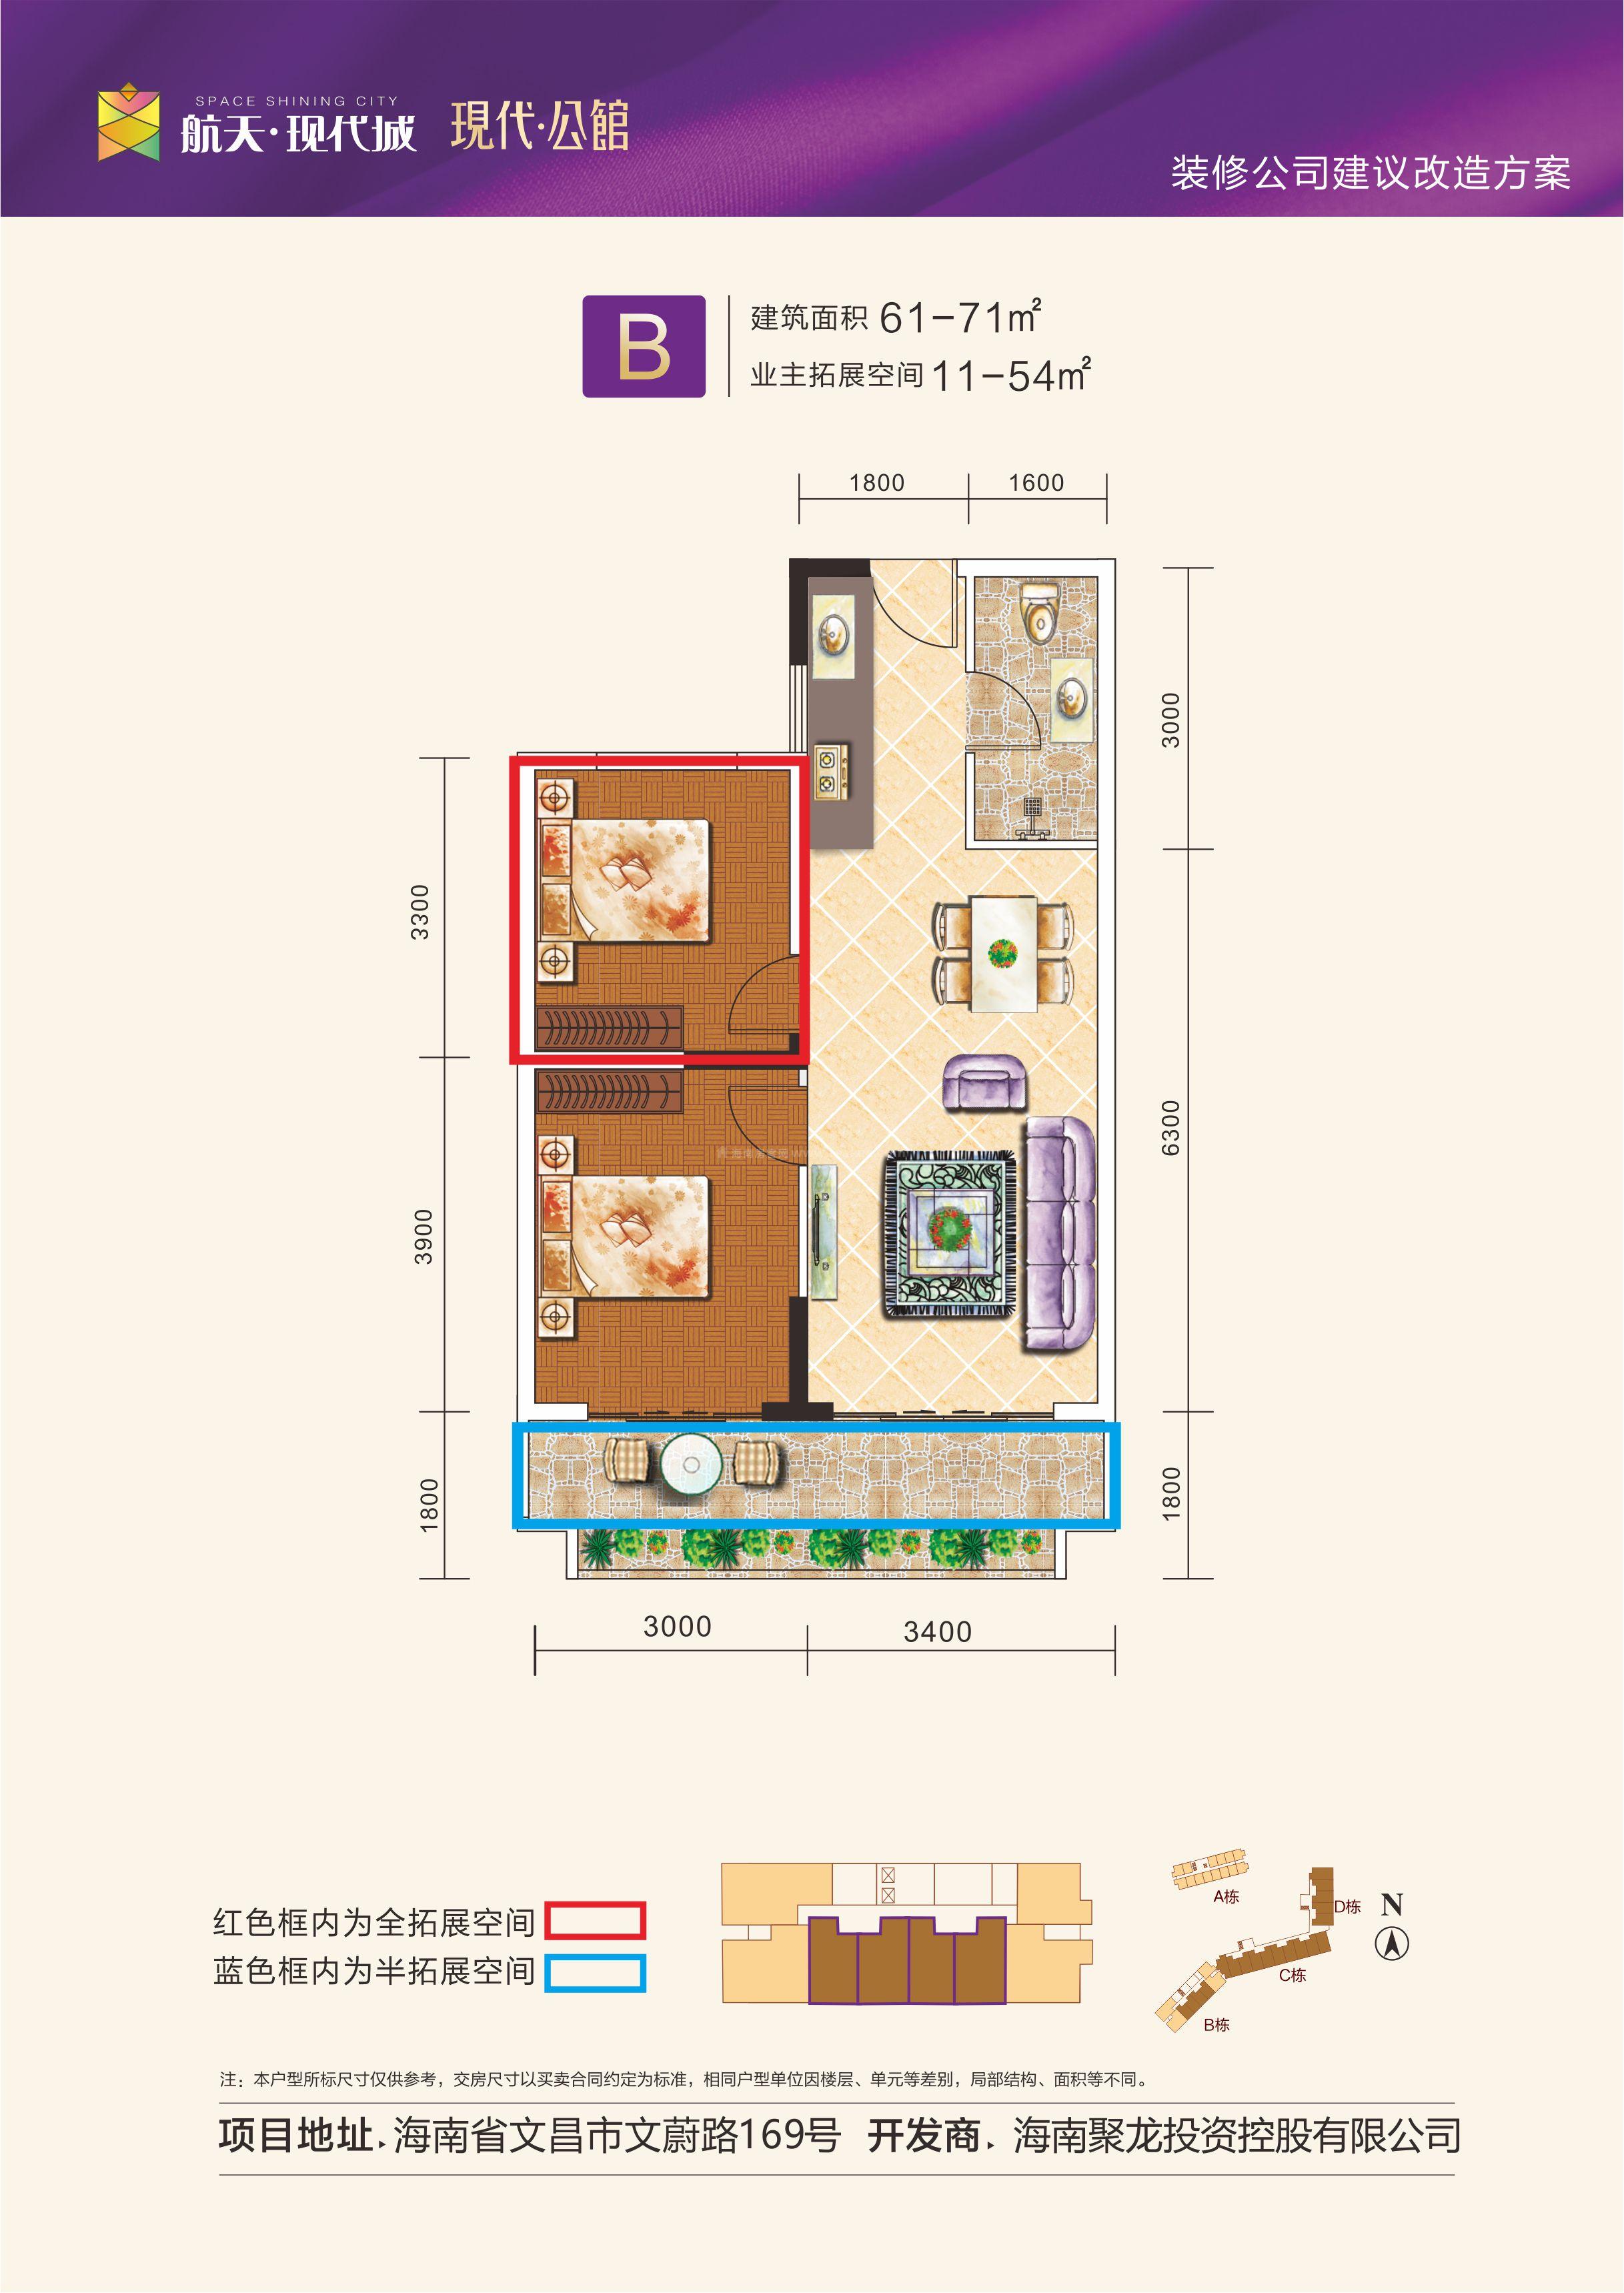 B户型 2室2厅1卫1厨 建面61-71㎡